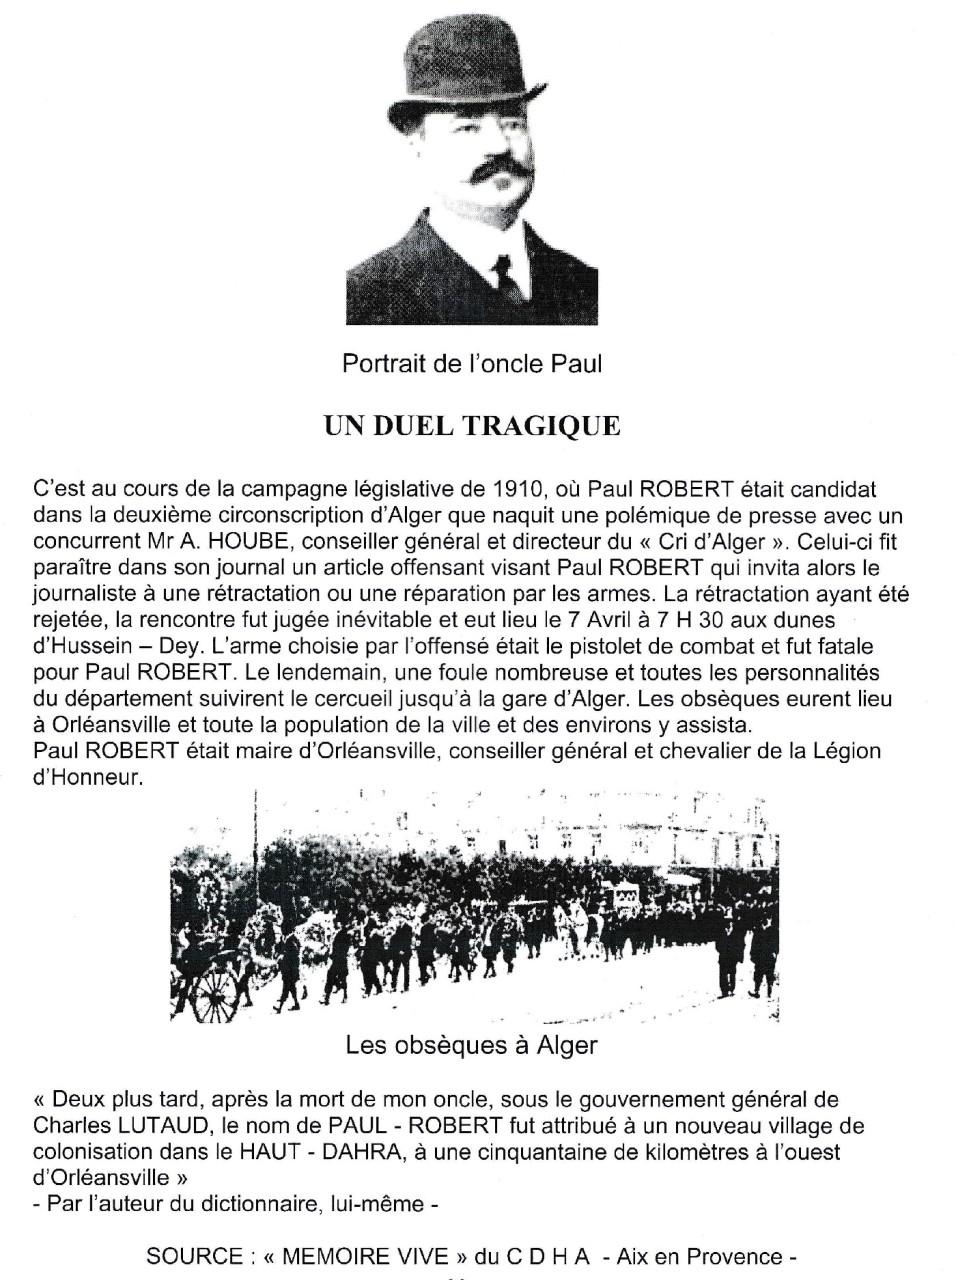 Le Duel Tragique de PAUL-ROBERT